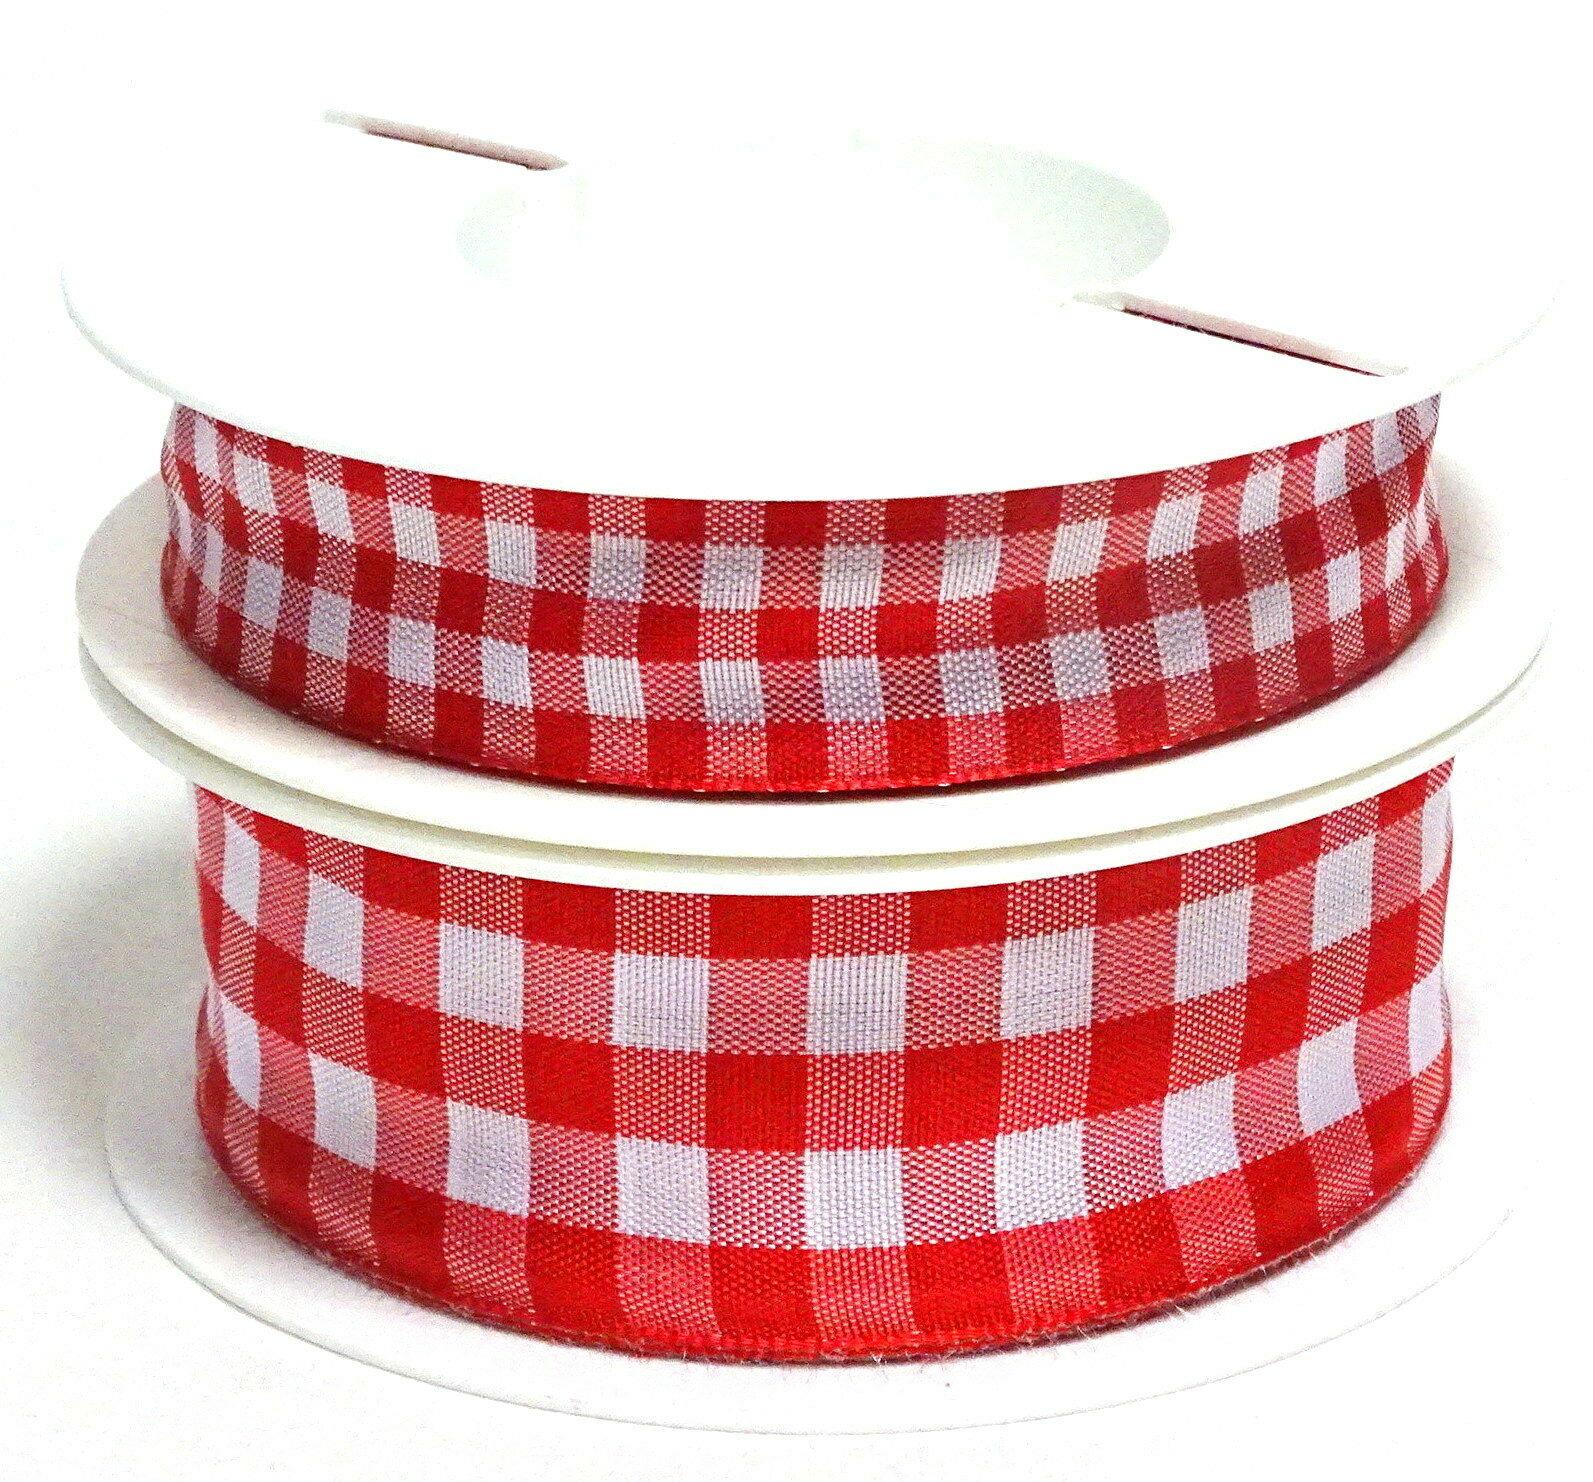 Karoband 20 m x 15mm/25mm/40mm Vichy ab 0,30€/m Schleifenband Geschenkband Deko - rot-weiß 4623, 25 mm x 20 m